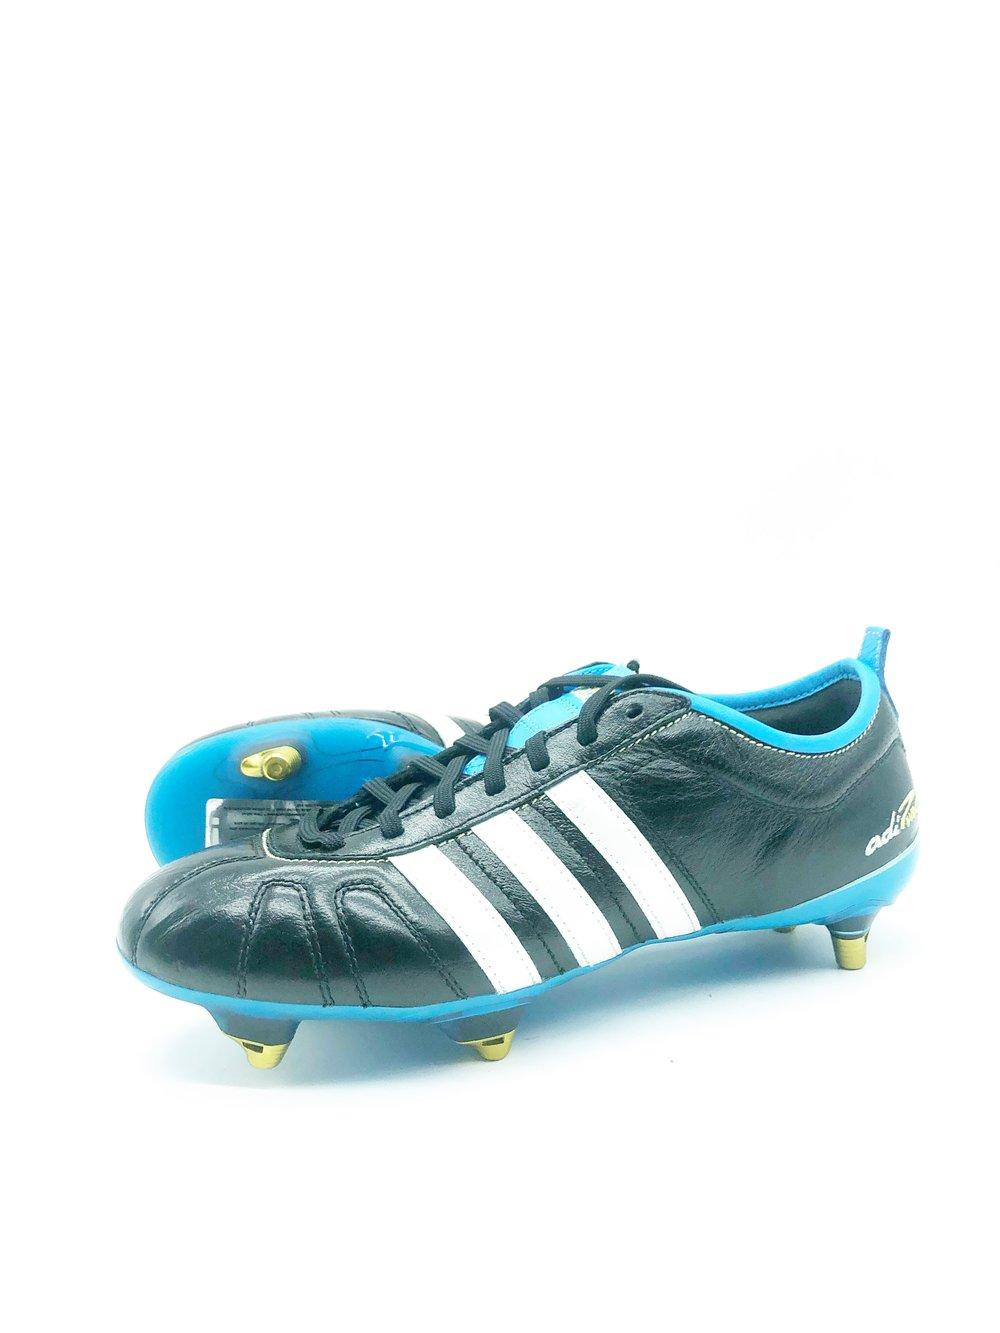 Image of Adidas adipure IV SG black